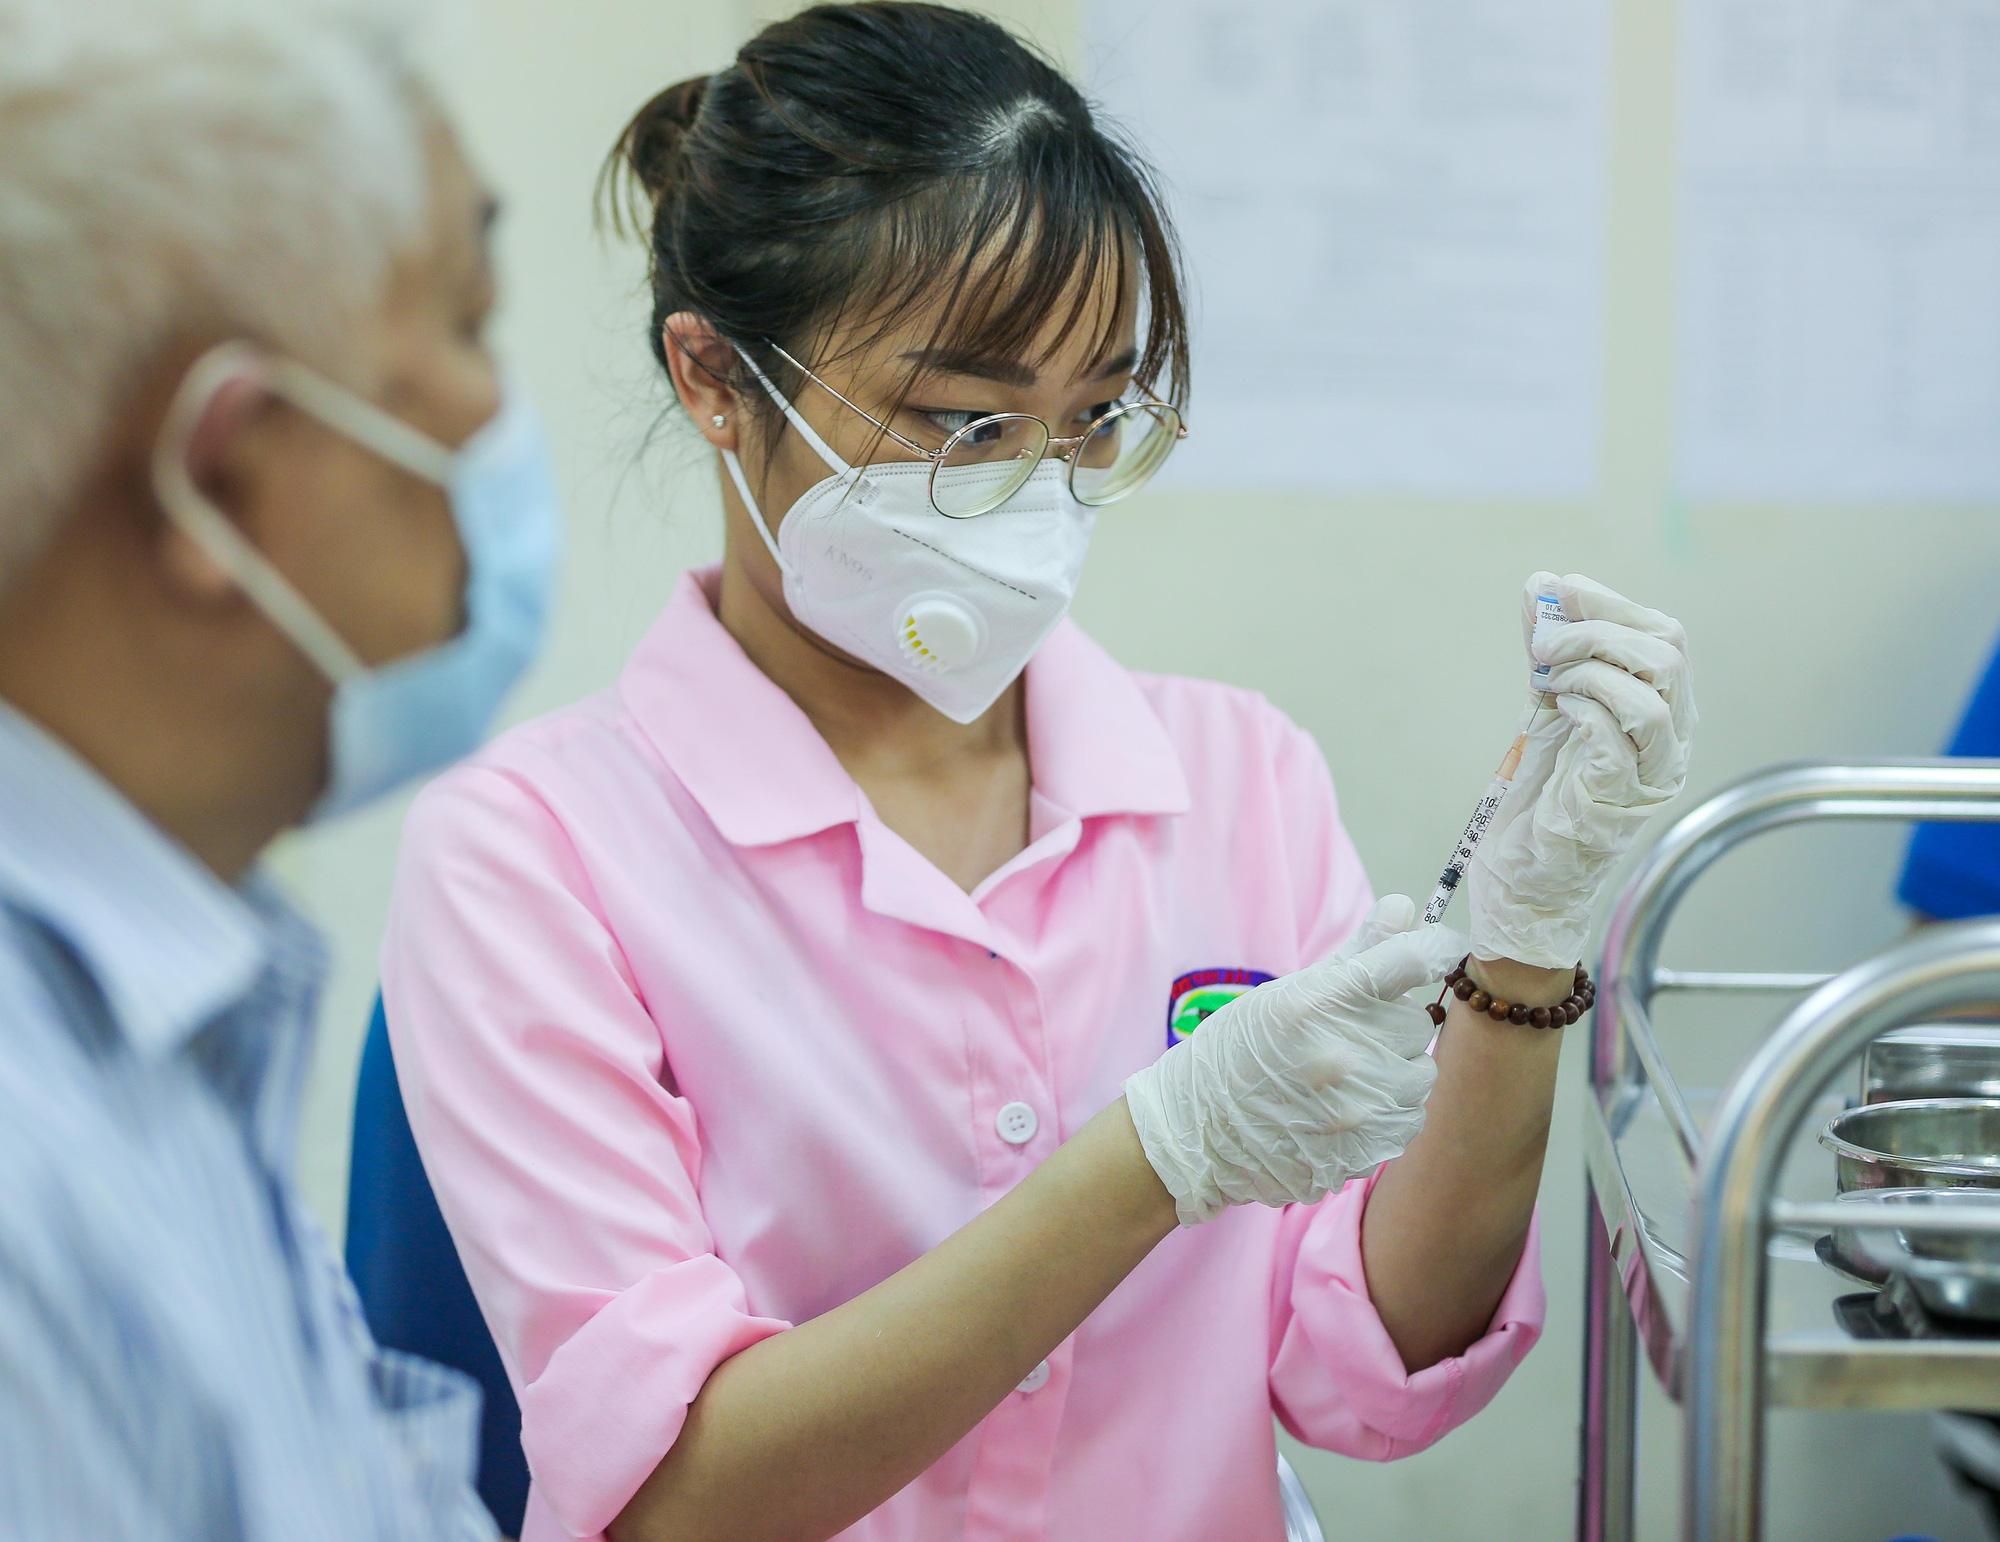 Cận cảnh người dân Hà Nội tiêm vắc-xin Vero Cell - Ảnh 9.